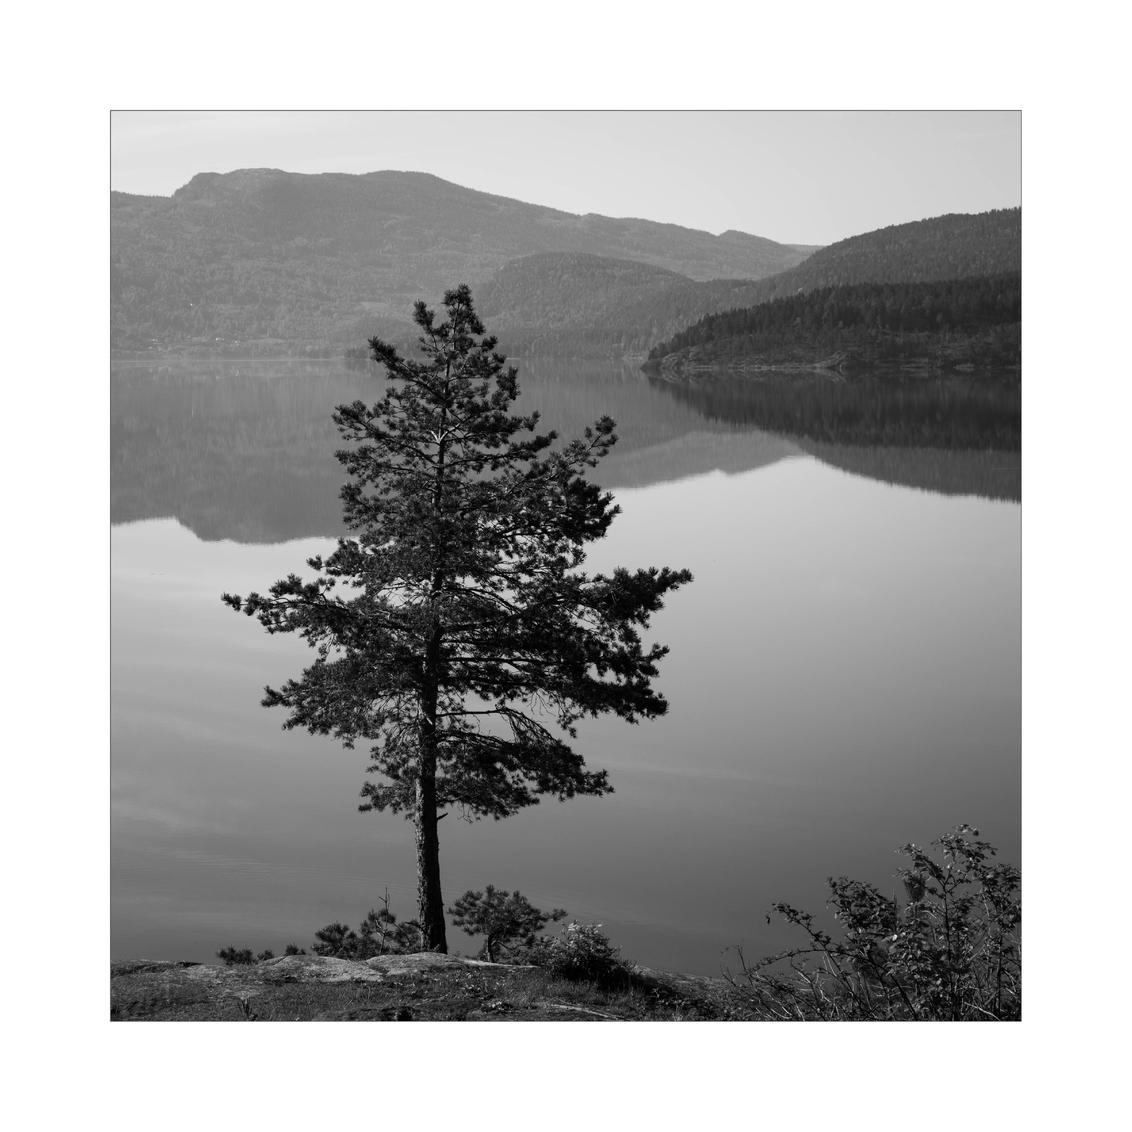 Krøderen - - - foto door Joshua181 op 30-09-2017 - deze foto bevat: lucht, water, natuur, vakantie, spiegeling, landschap, bomen, bergen, meer, noorwegen, zwartwit, reisfotografie